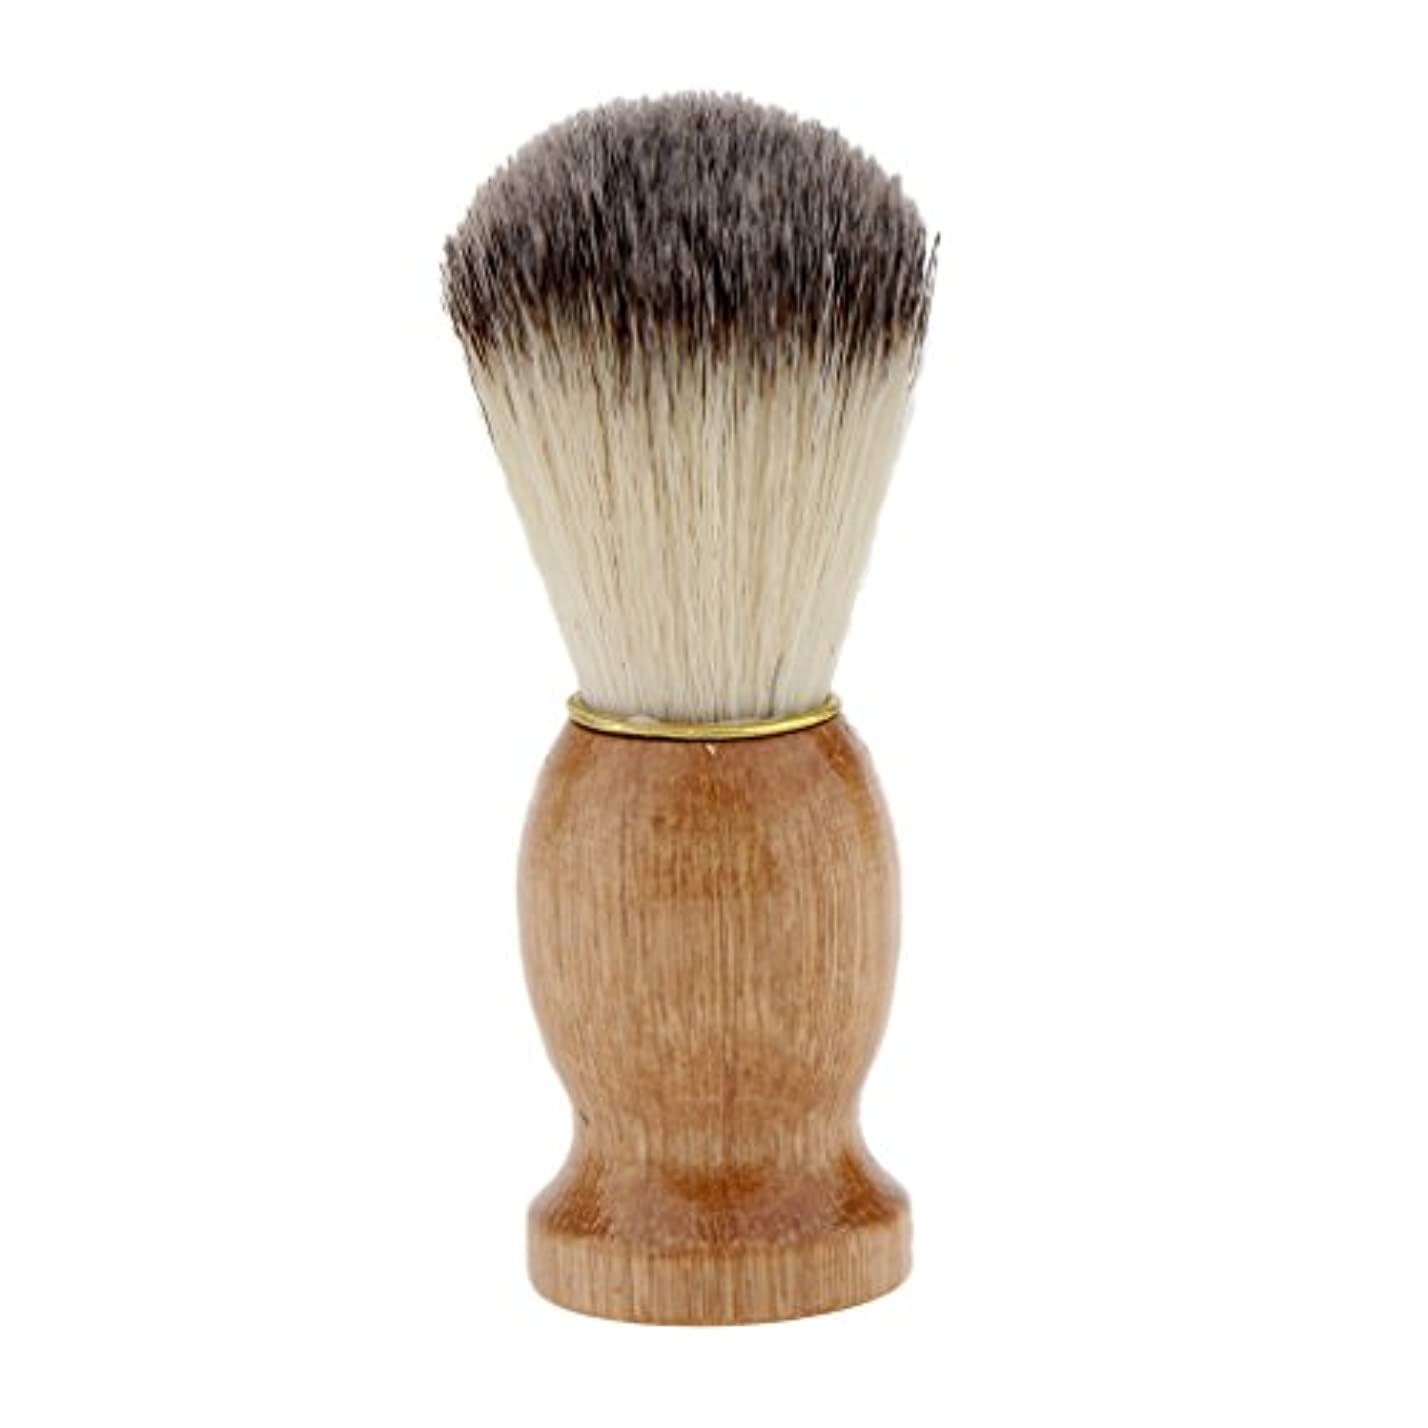 腐敗みがきます店主シェービングブラシ ひげ剃りブラシ 洗顔 コスメブラシ 木製ハンドル メンズ 高品質 プレゼント